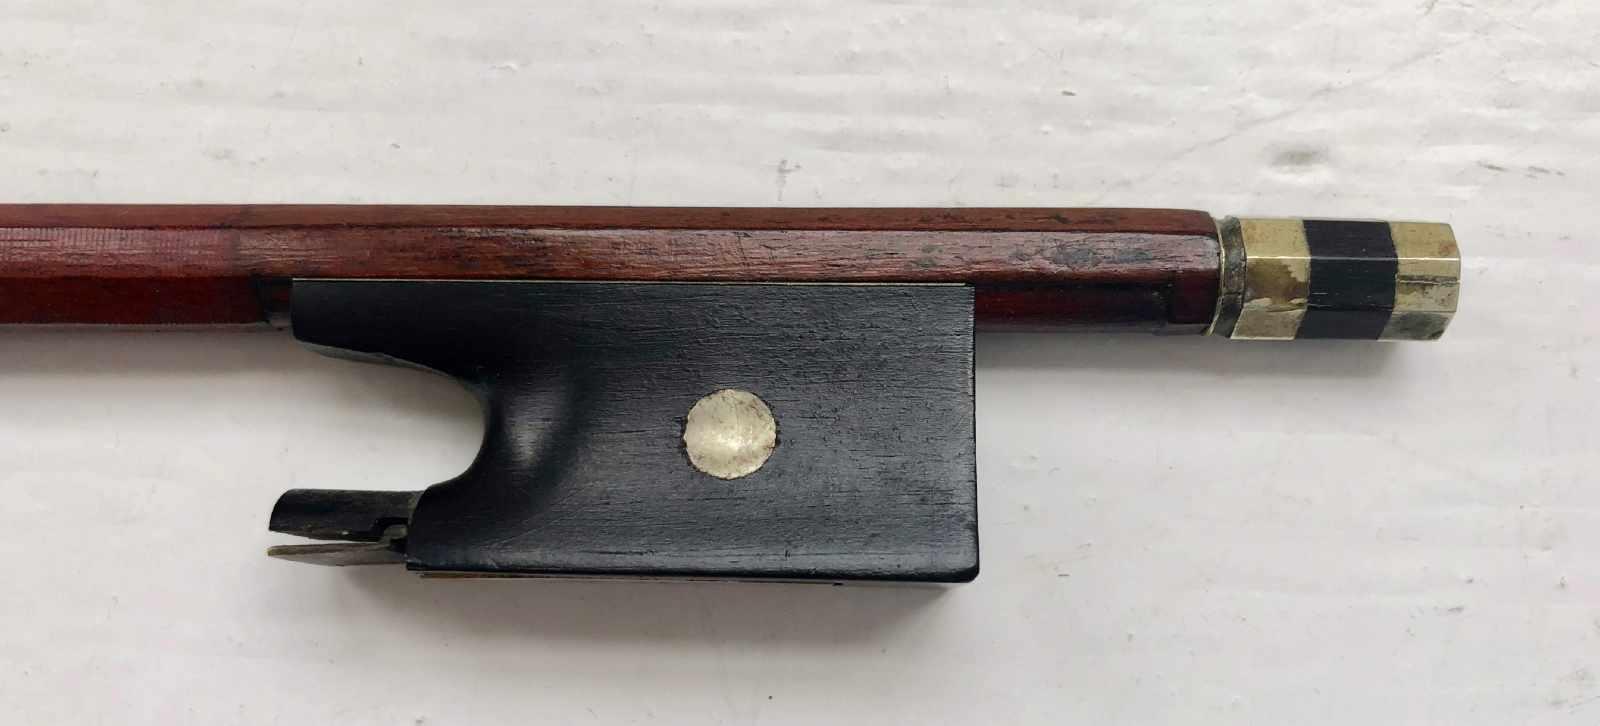 Lot 57 - Violinbogen, Frankreich, Vuillaume- Modell, 19. Jh., ohne Bewicklung und Haare, L.: 74 cm.